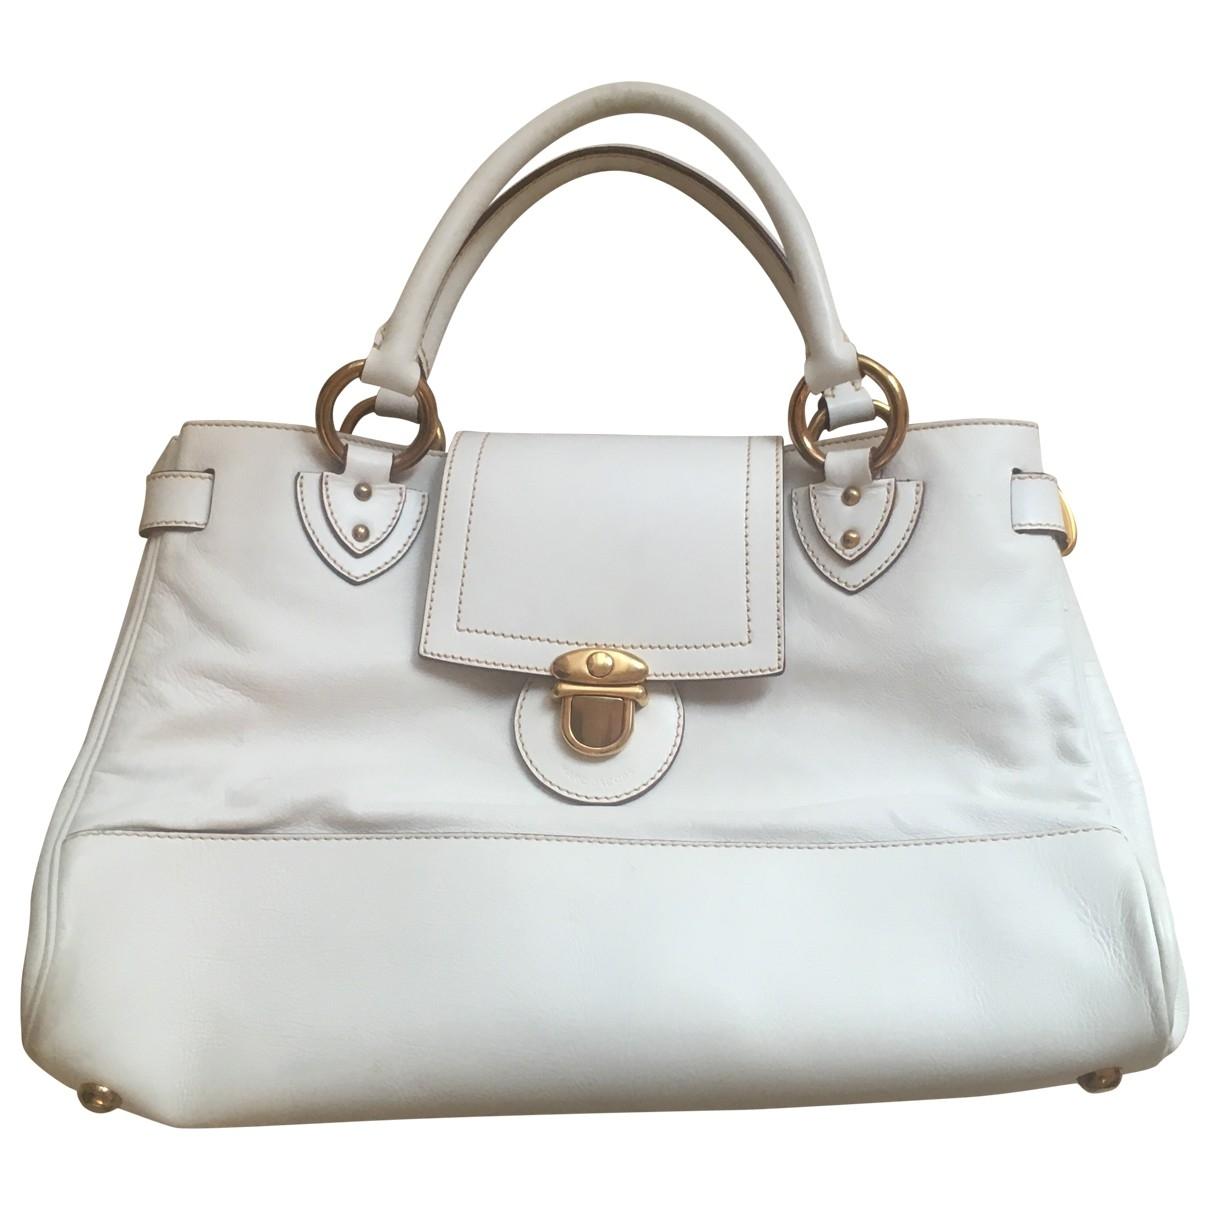 Marc Jacobs \N White Leather handbag for Women \N